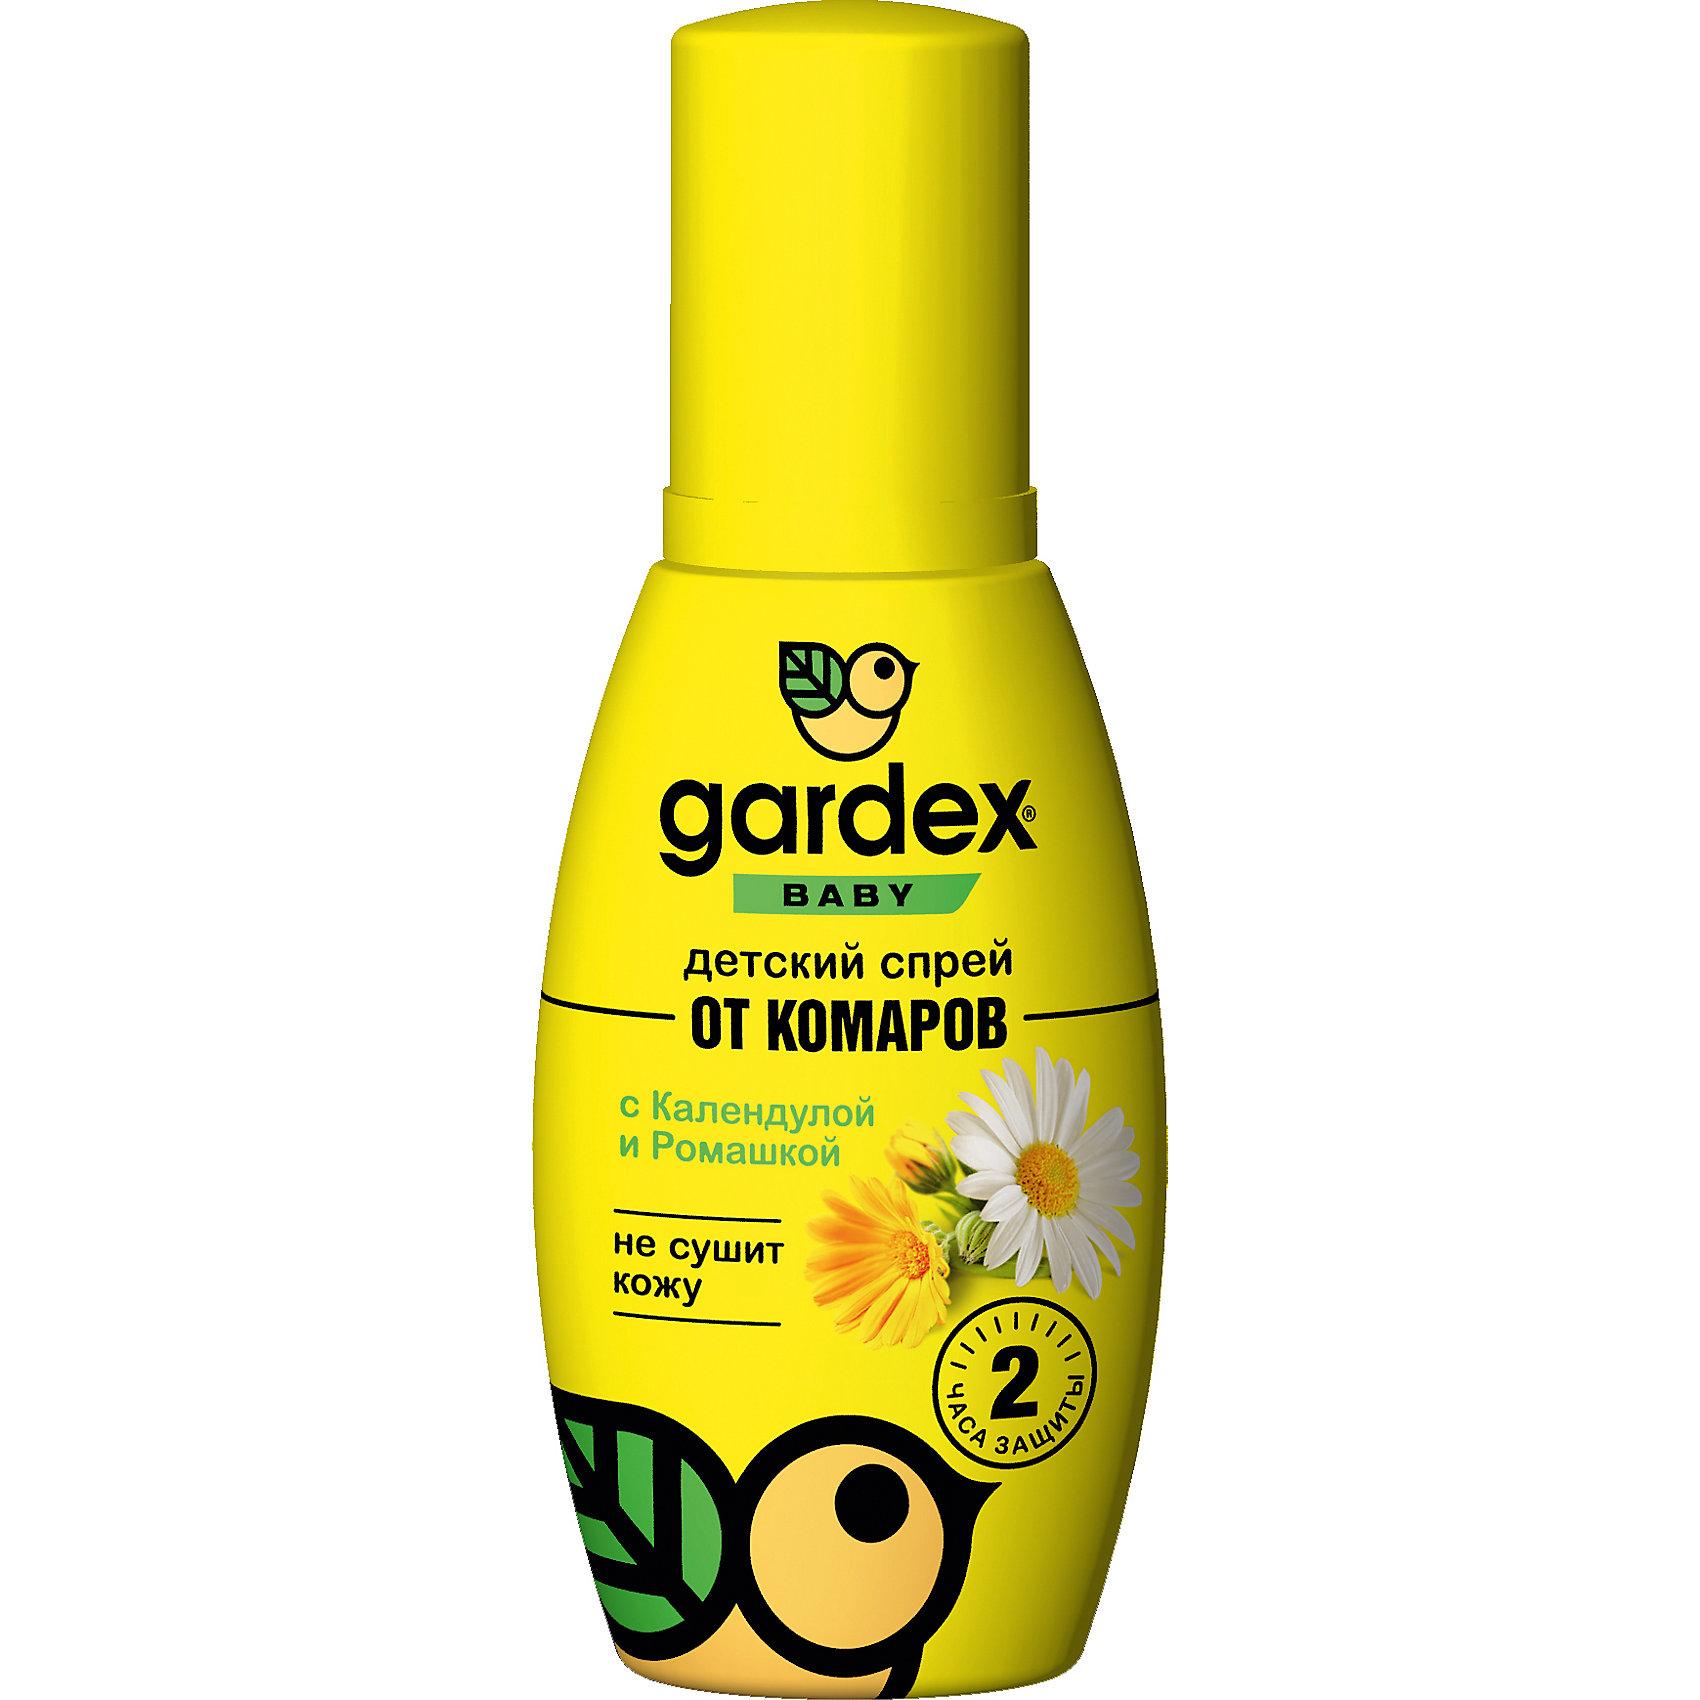 Спрей от комаров, с 2-х лет, 100 мл., Gardex BabyСредства защиты от солнца и насекомых<br>• Подходит для детей от 2 лет<br>• Содержит экстракты календулы<br>и ромашки, позволяя бережно<br>заботиться о детской коже<br>• Предназначен для нанесения на<br>кожу и одежду<br><br>Ширина мм: 55<br>Глубина мм: 40<br>Высота мм: 145<br>Вес г: 132<br>Возраст от месяцев: 24<br>Возраст до месяцев: 2147483647<br>Пол: Унисекс<br>Возраст: Детский<br>SKU: 5575717